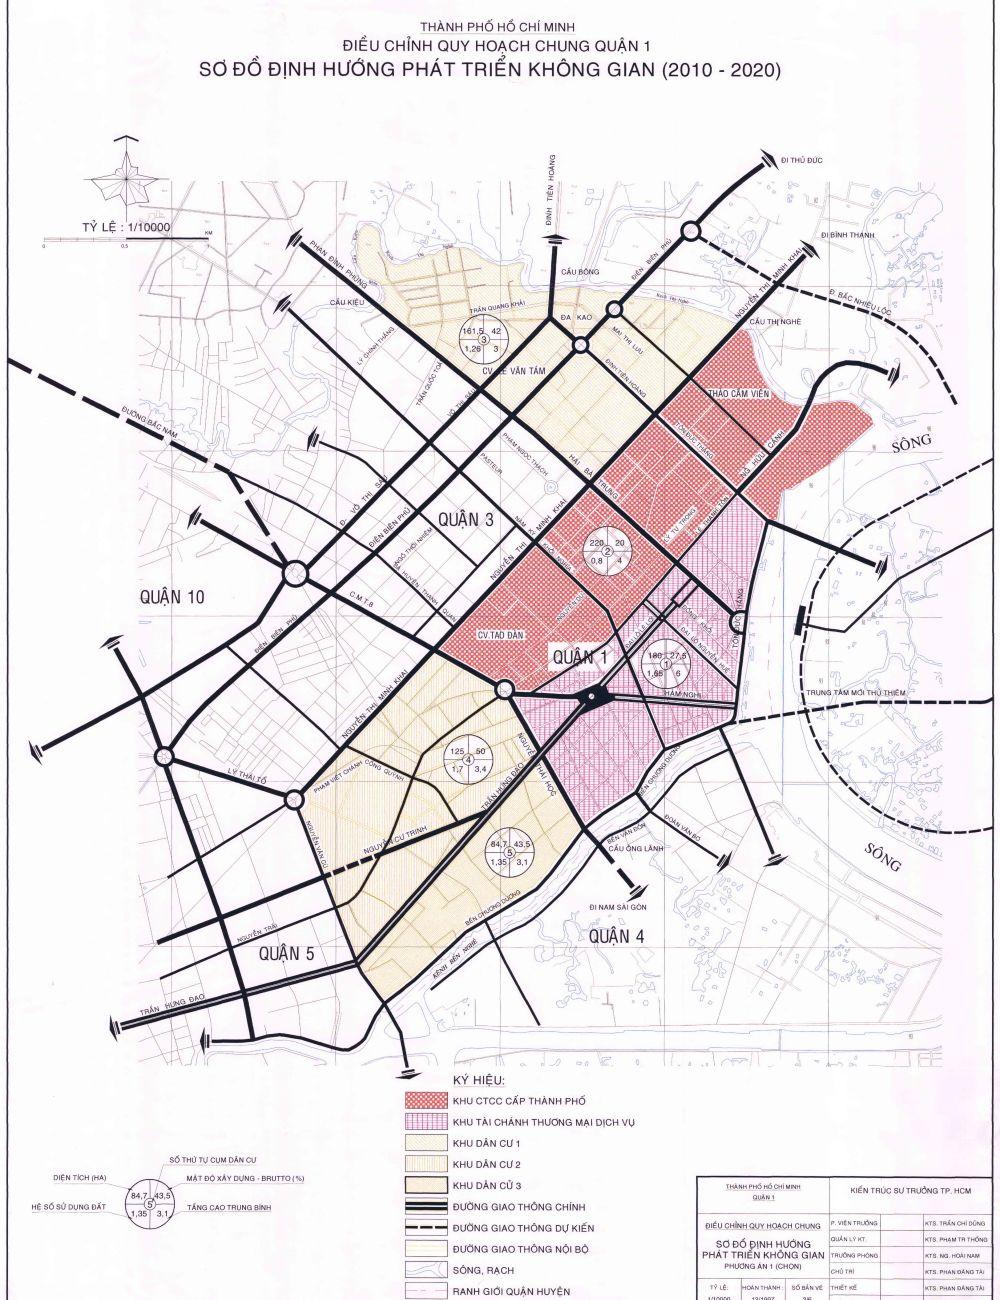 25134812 ban do quan 1 nam 2020 - Bản đồ tổng thể trung tâm TP. Hồ Chí Minh